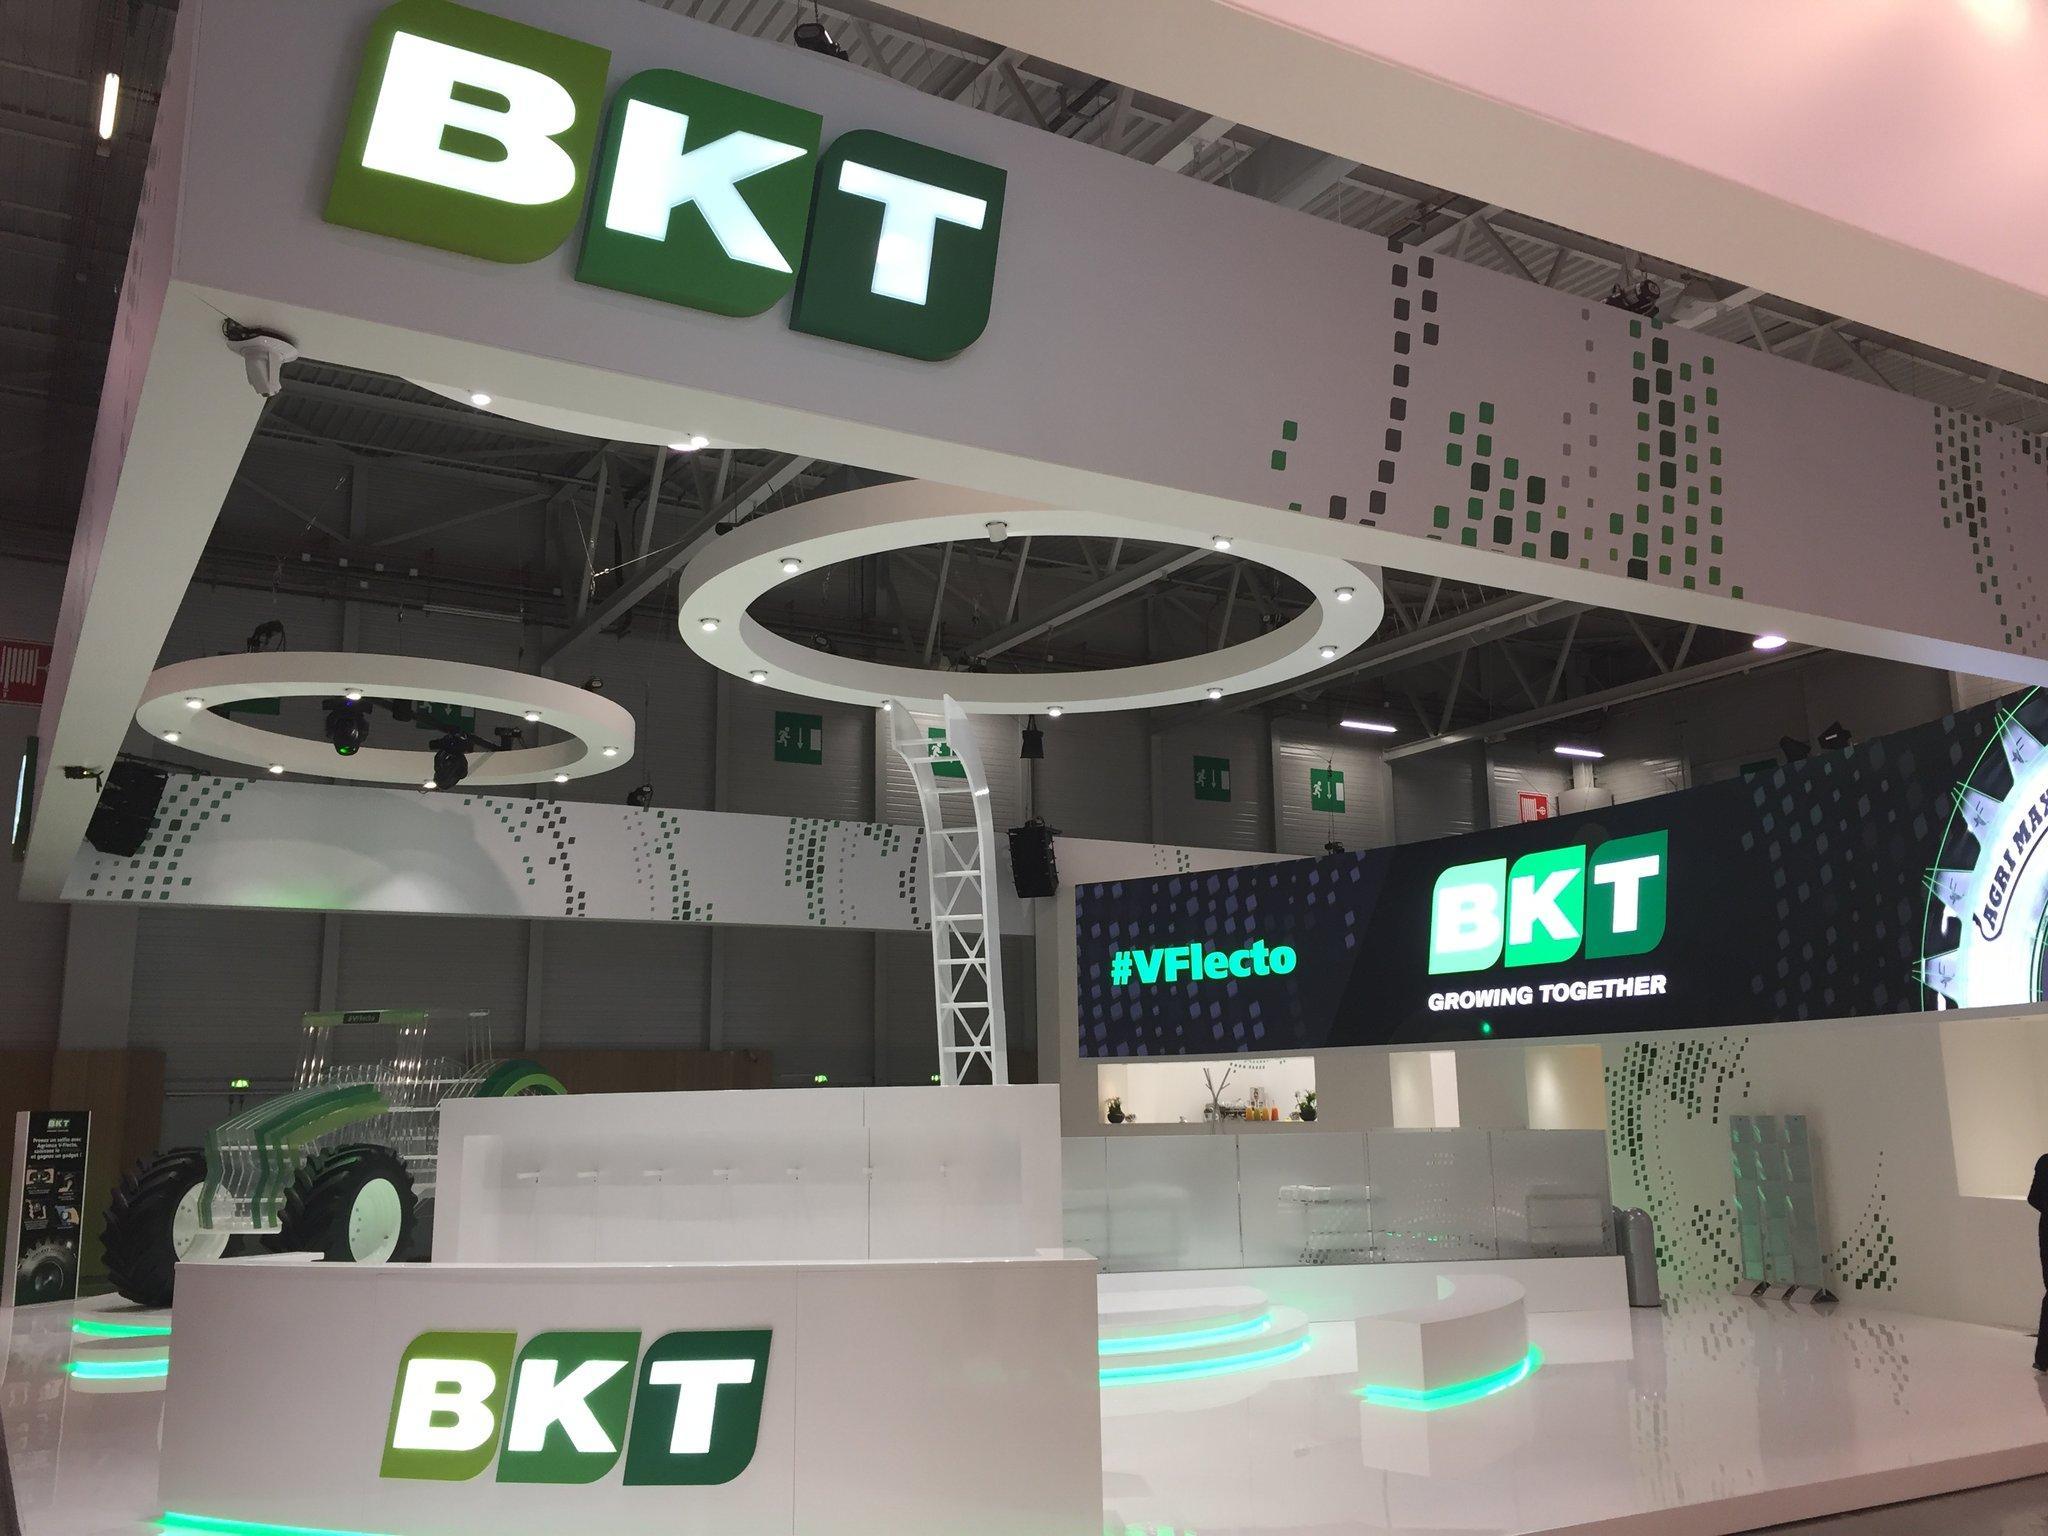 Новая агрошина Agrimax V-Flecto от BKT дебютировала в Париже